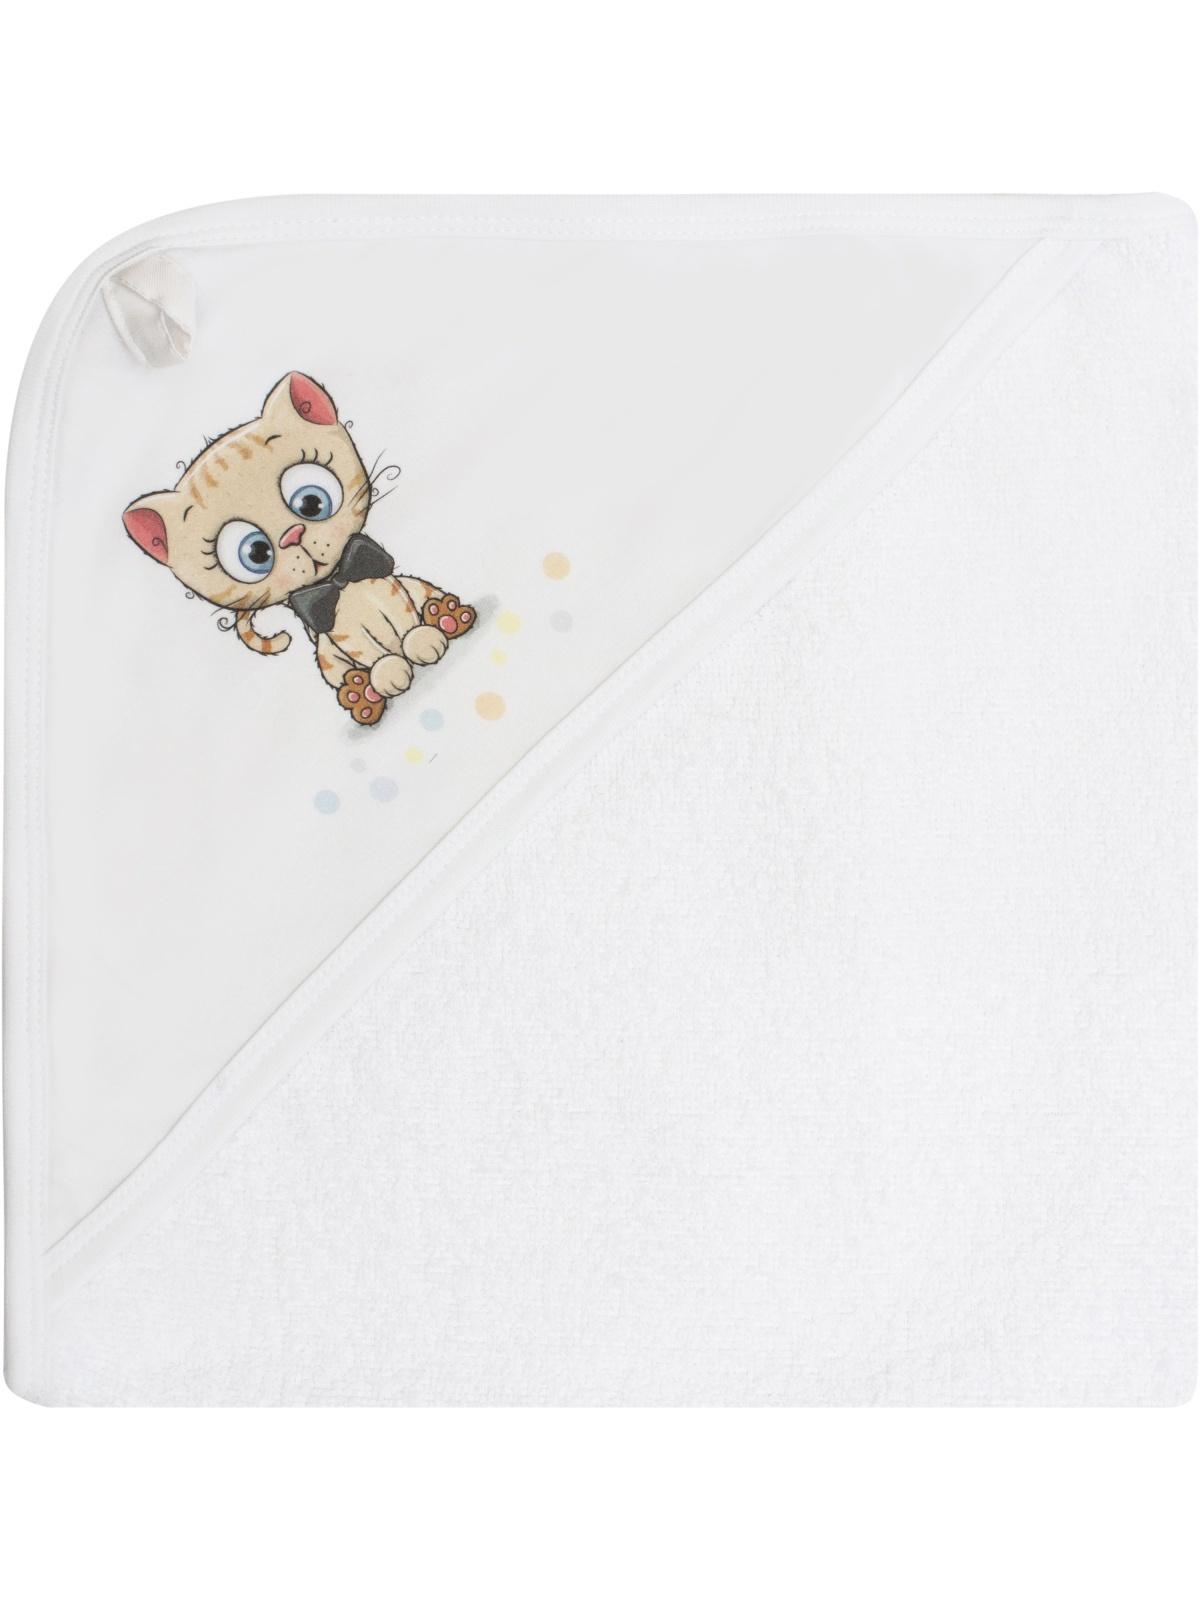 Полотенце детское Luxury Baby Полотенце с уголком и принтом Котик, белый полотенца bebitof baby детское банное полотенце с уголком bbtf 3208 93х83